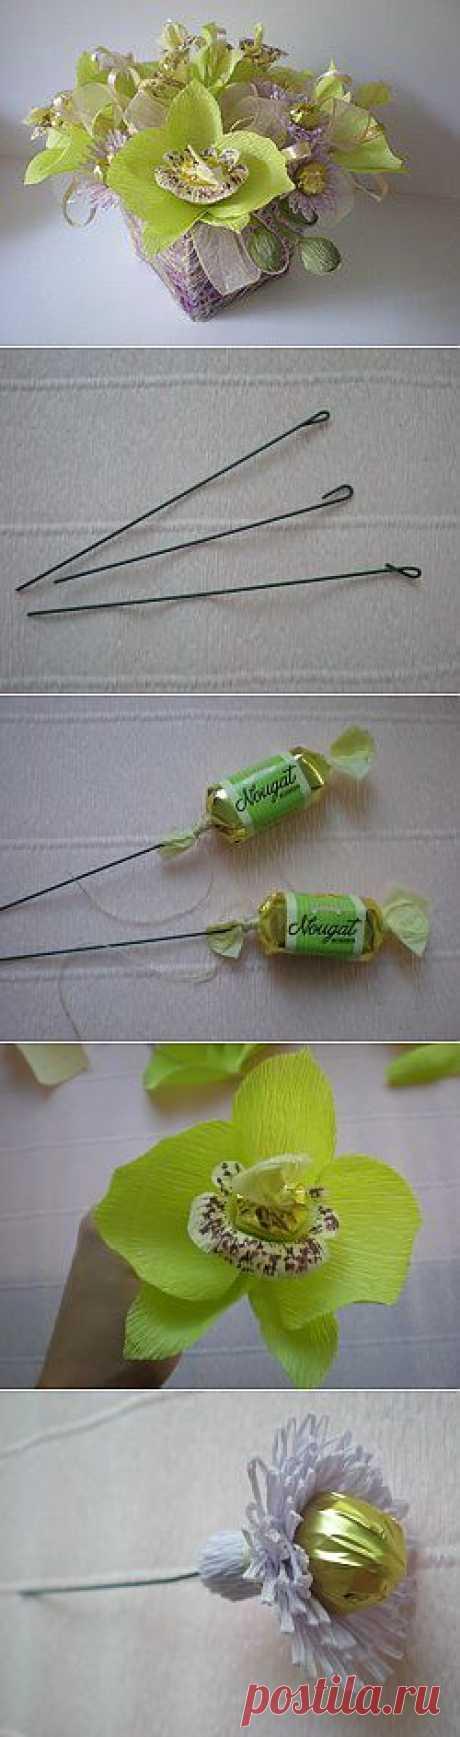 Букет из конфет своими руками «Орхидеи». Мастер-класс о том, как сделать конфетный букет, с пошаговыми фото